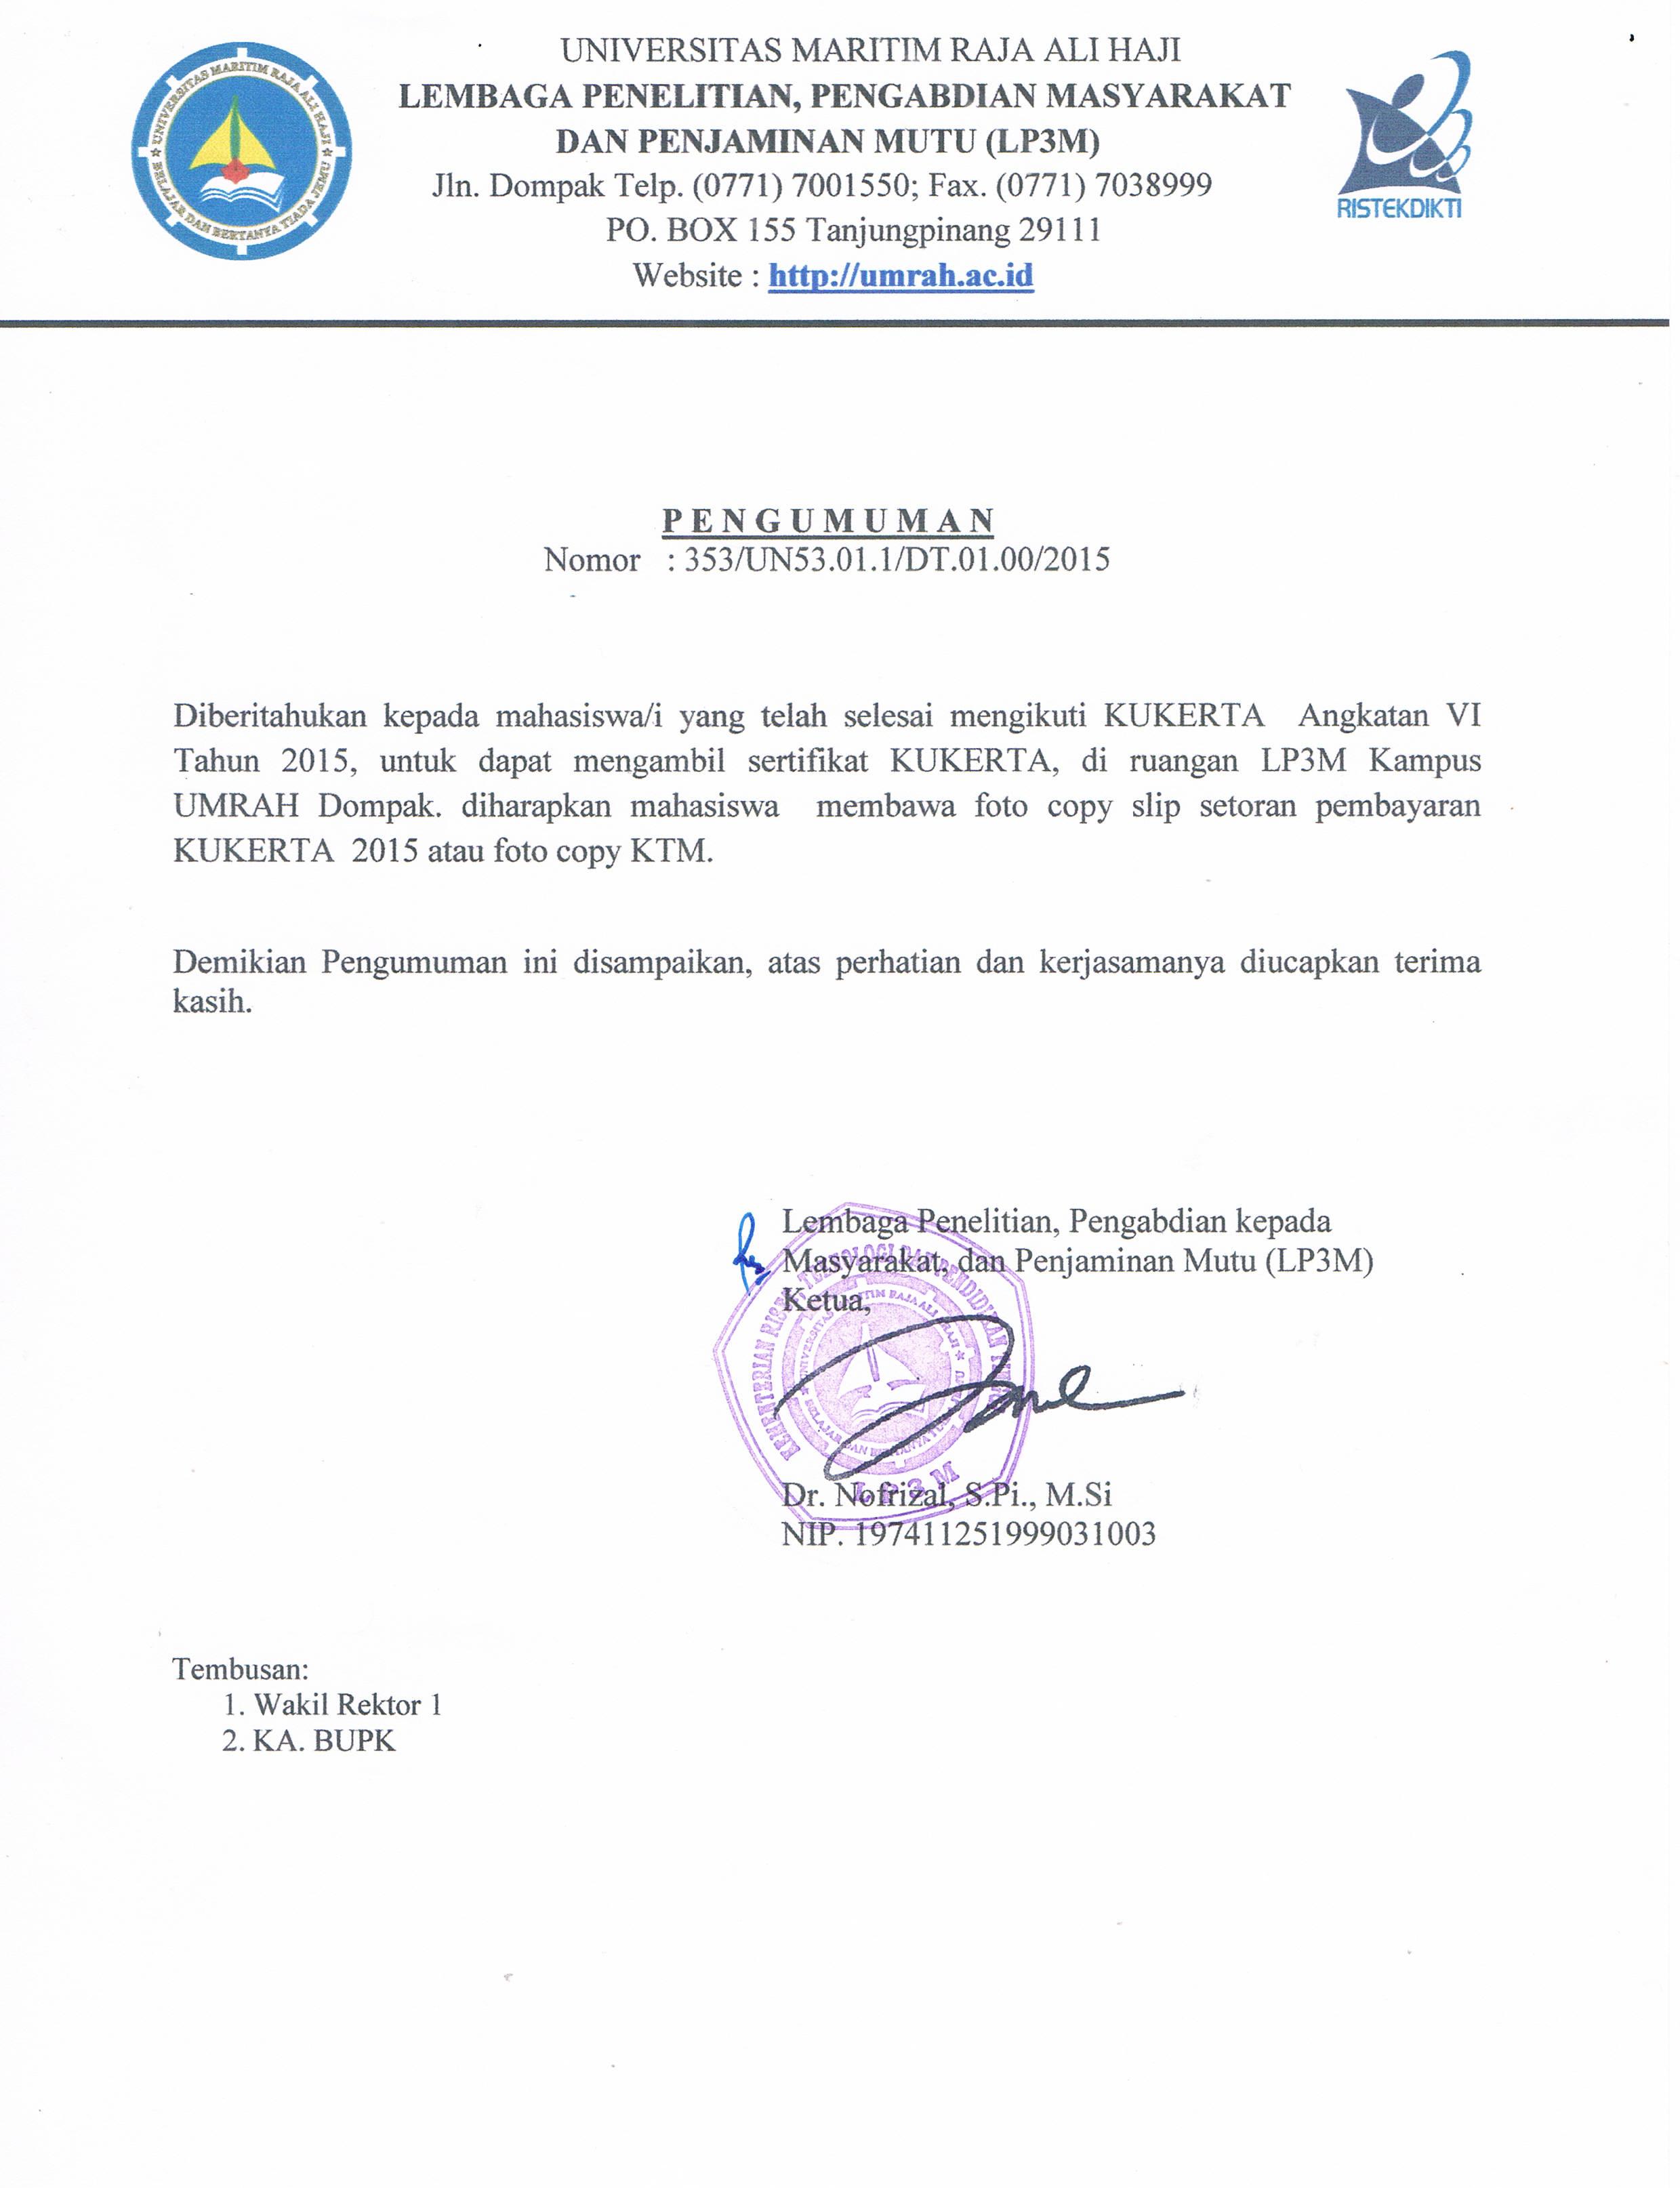 pengumuman pengambilan sertifikat KUKERTA angkatan VI Tahun 2015